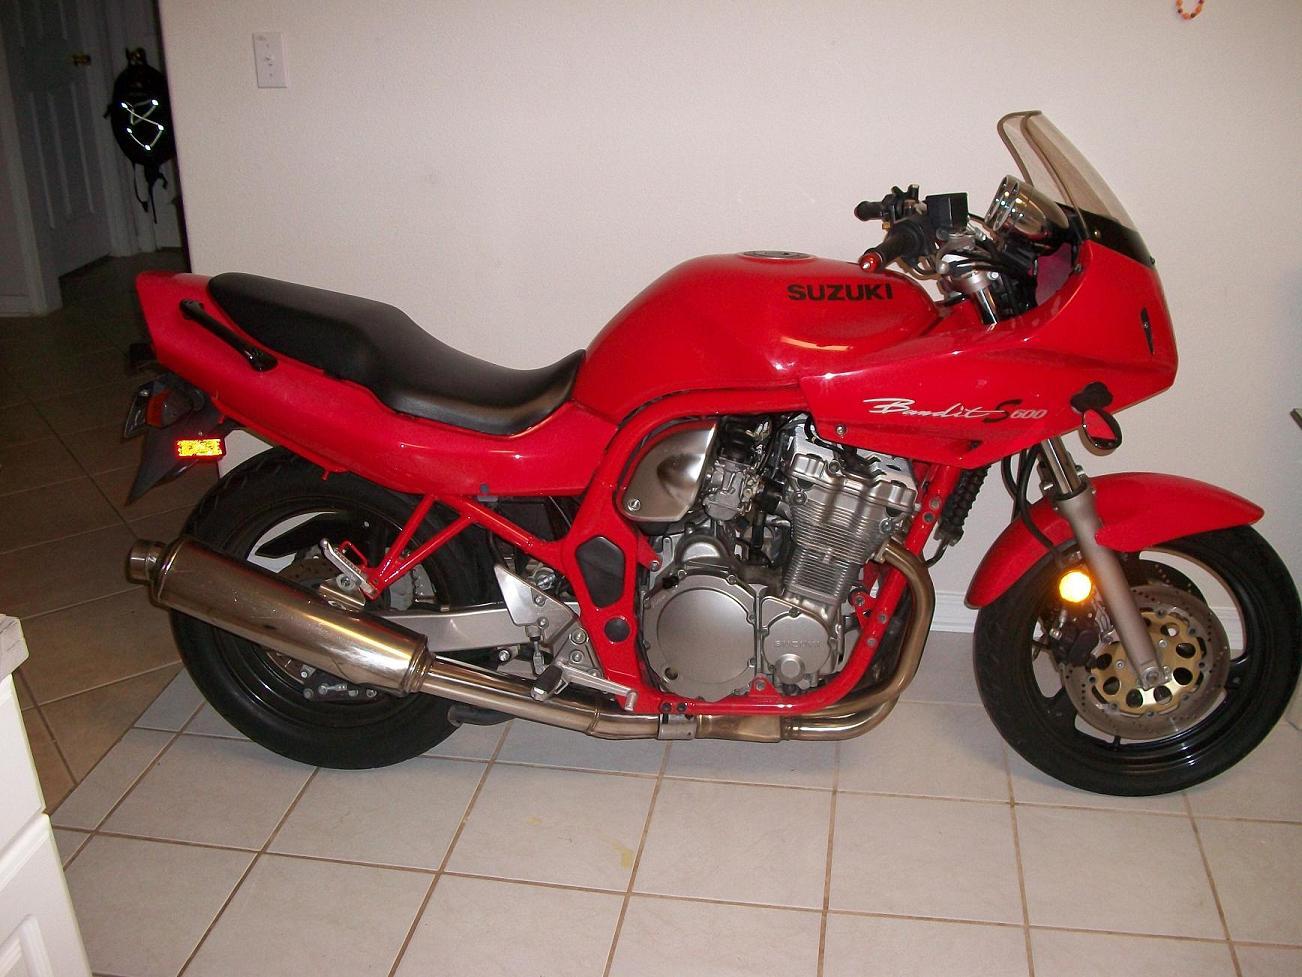 suzuki bandit 600 s - beginner bike? - sportbikes